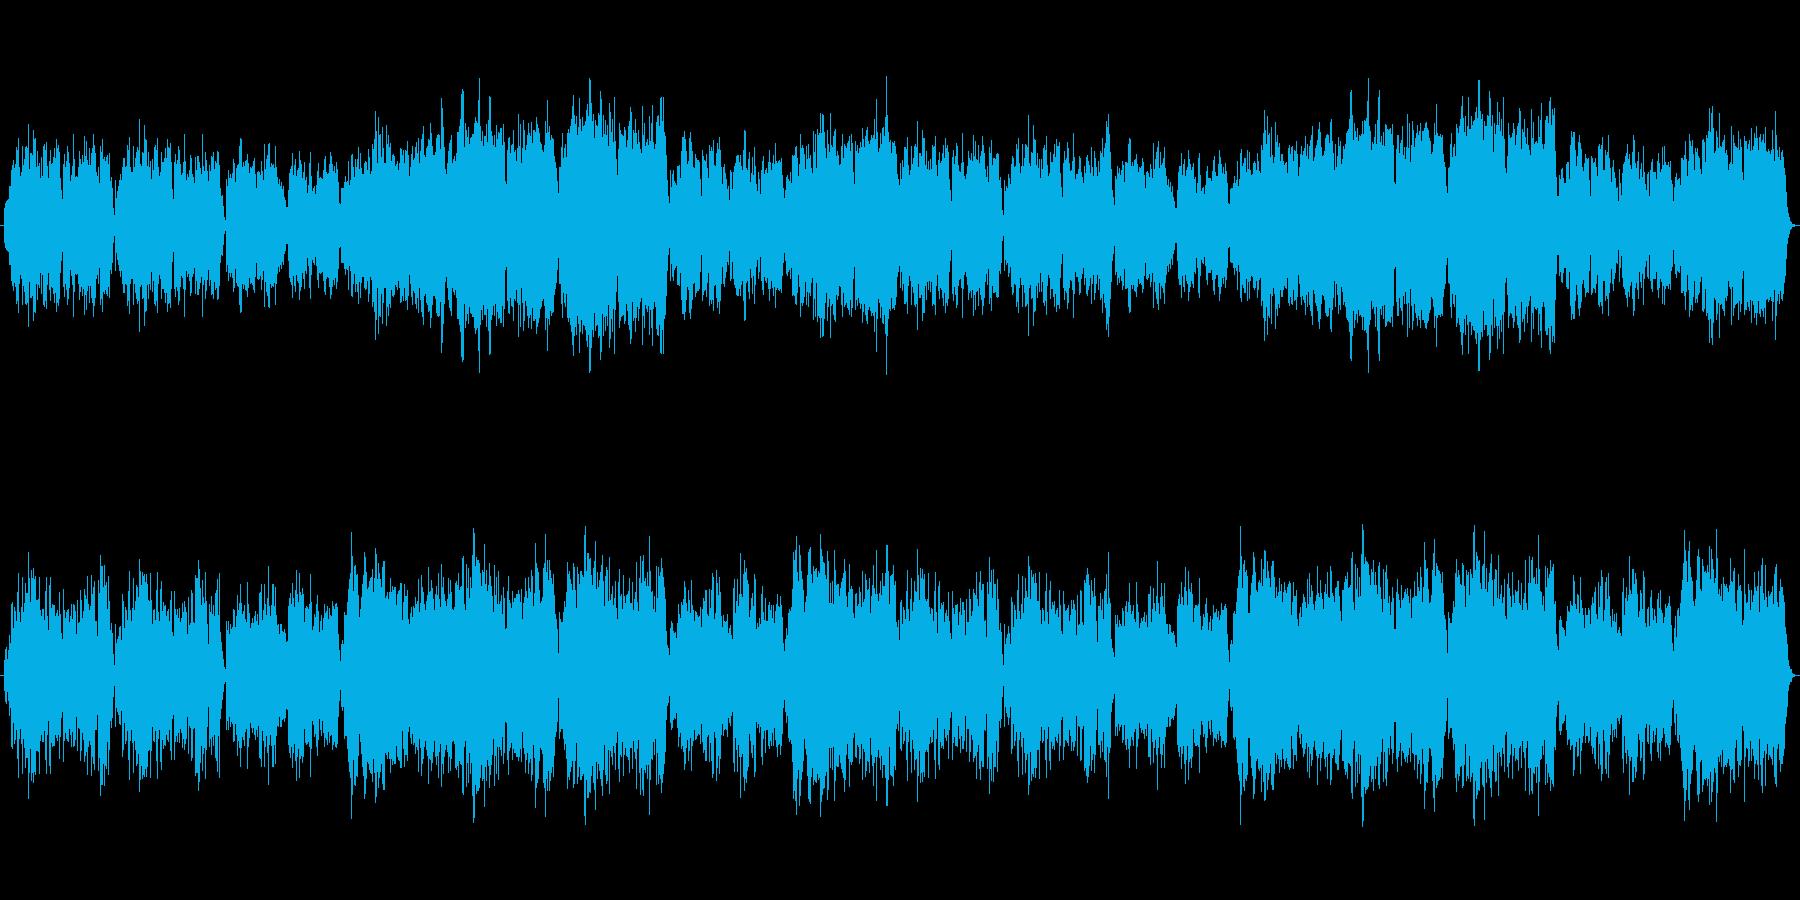 ほのぼのとした港町 村【ループ可】の再生済みの波形